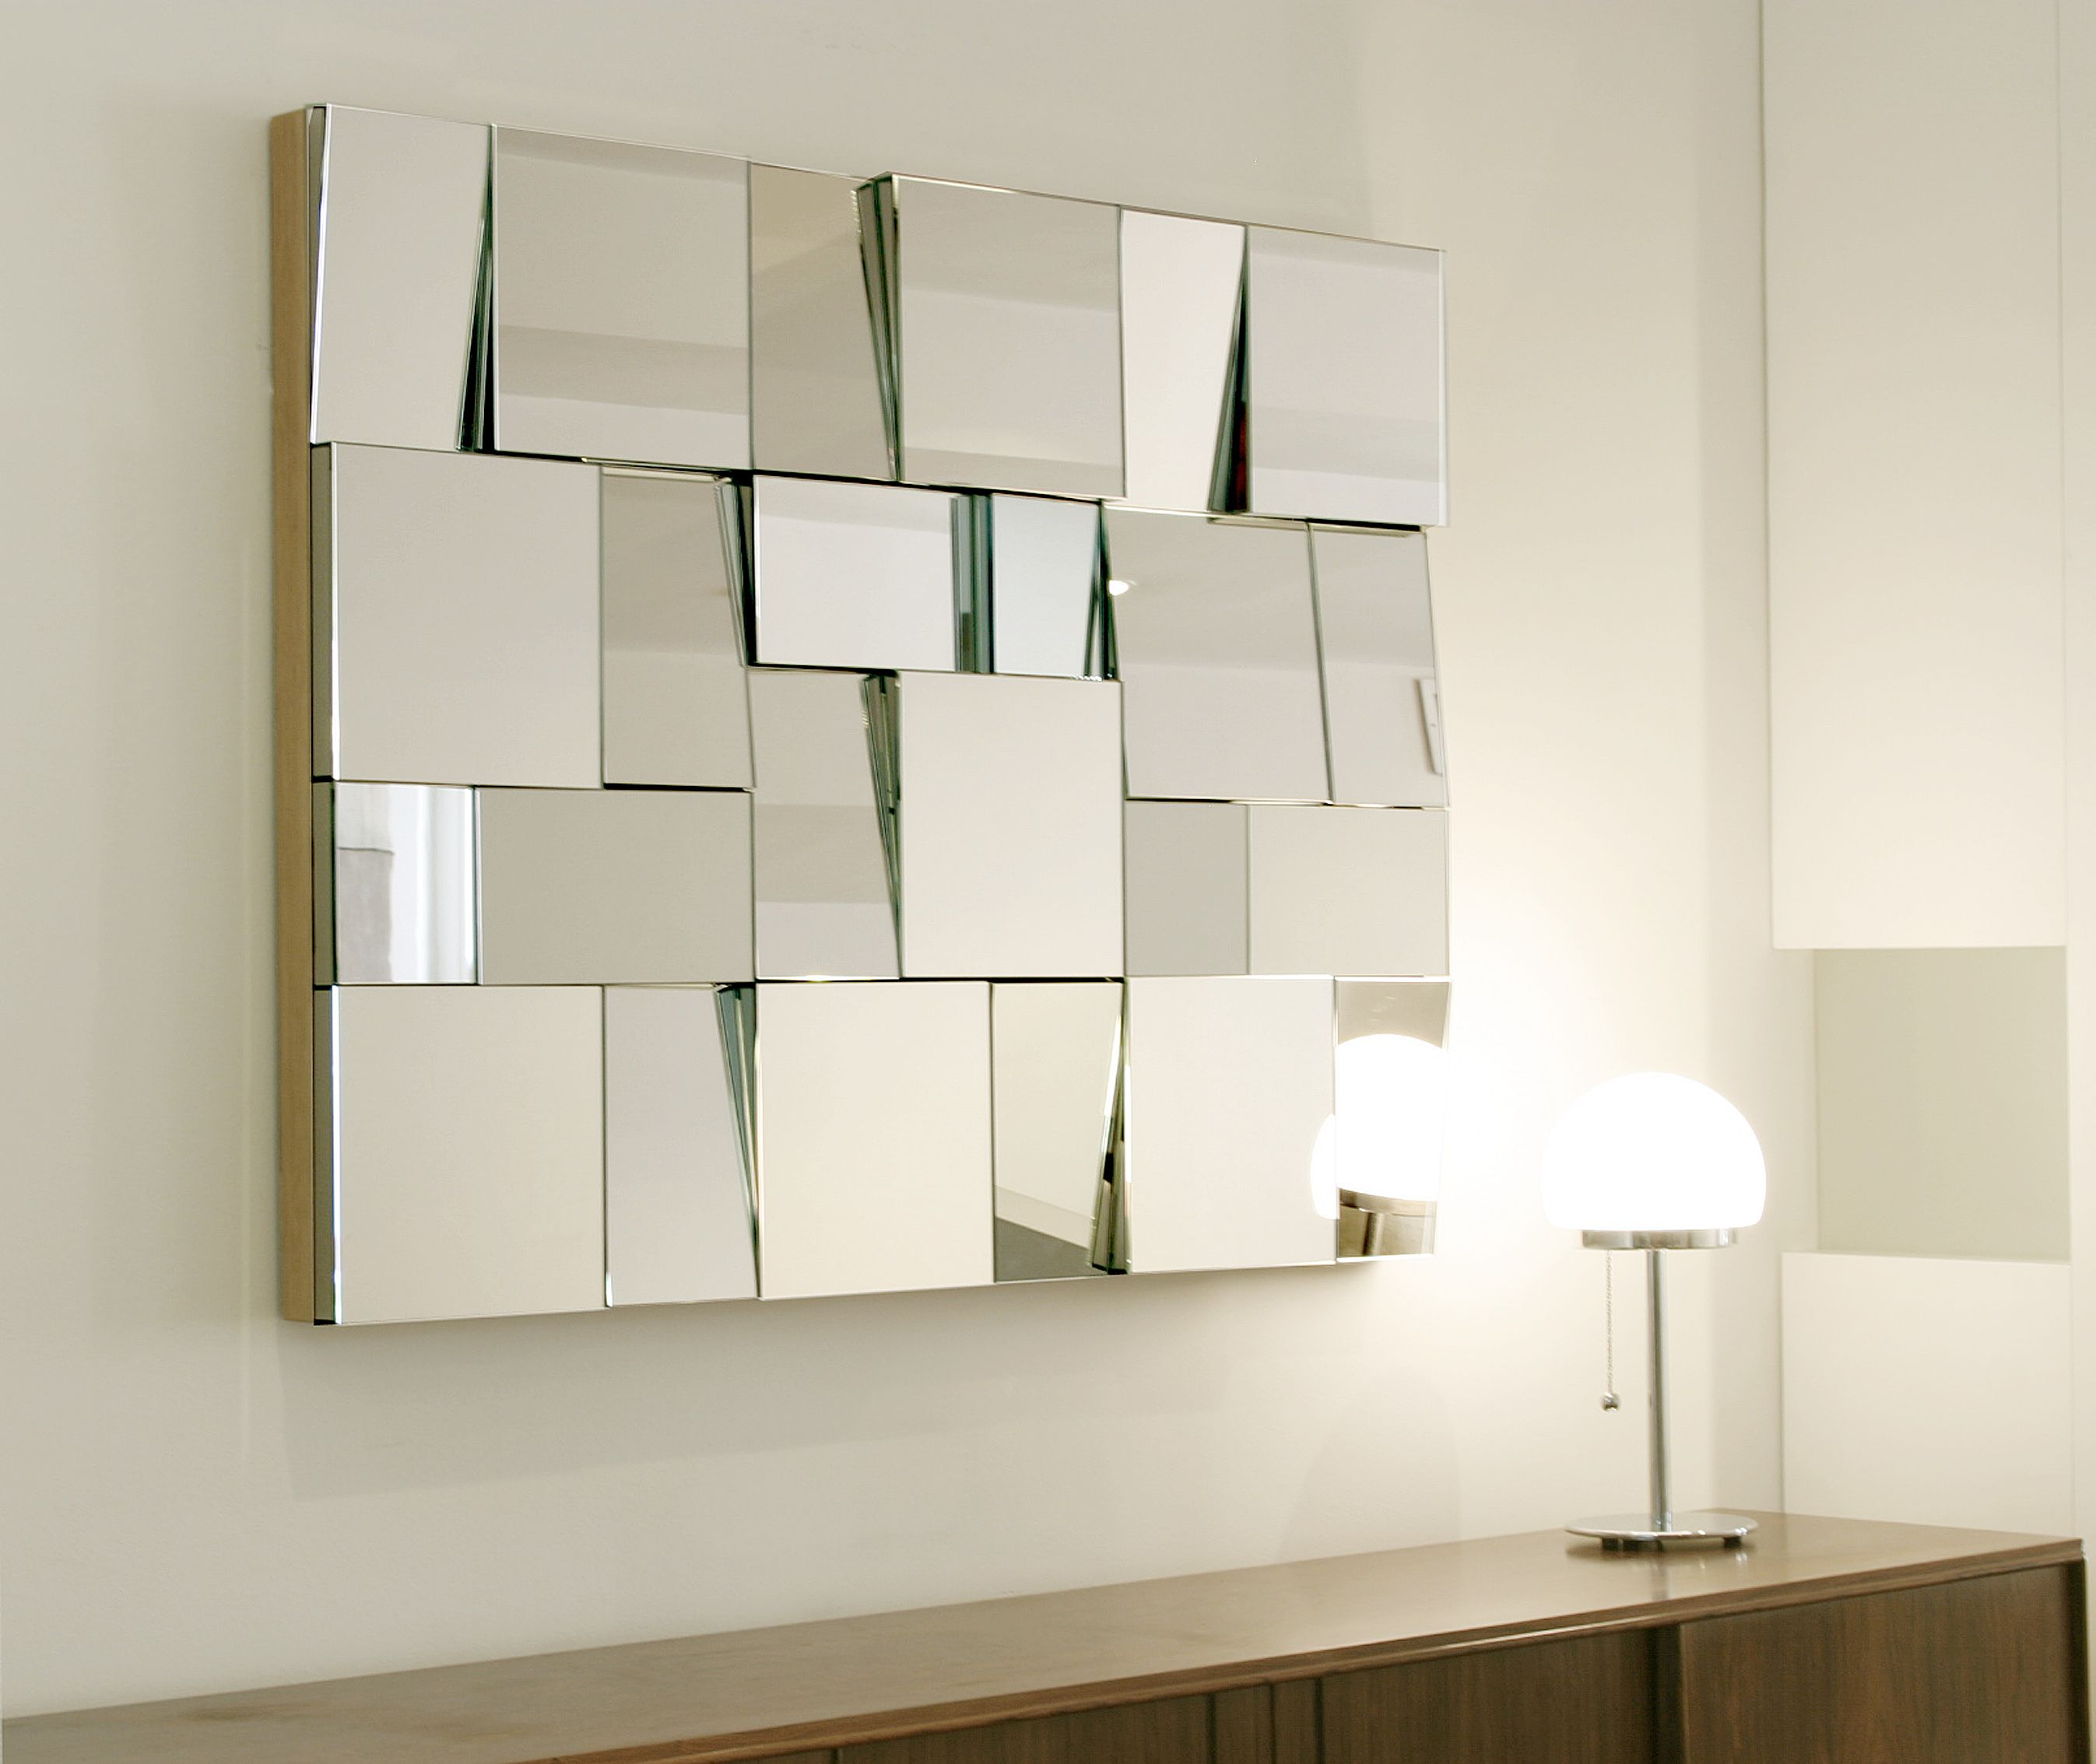 mirror in interior design elementMIRROR Pinterest Spaces